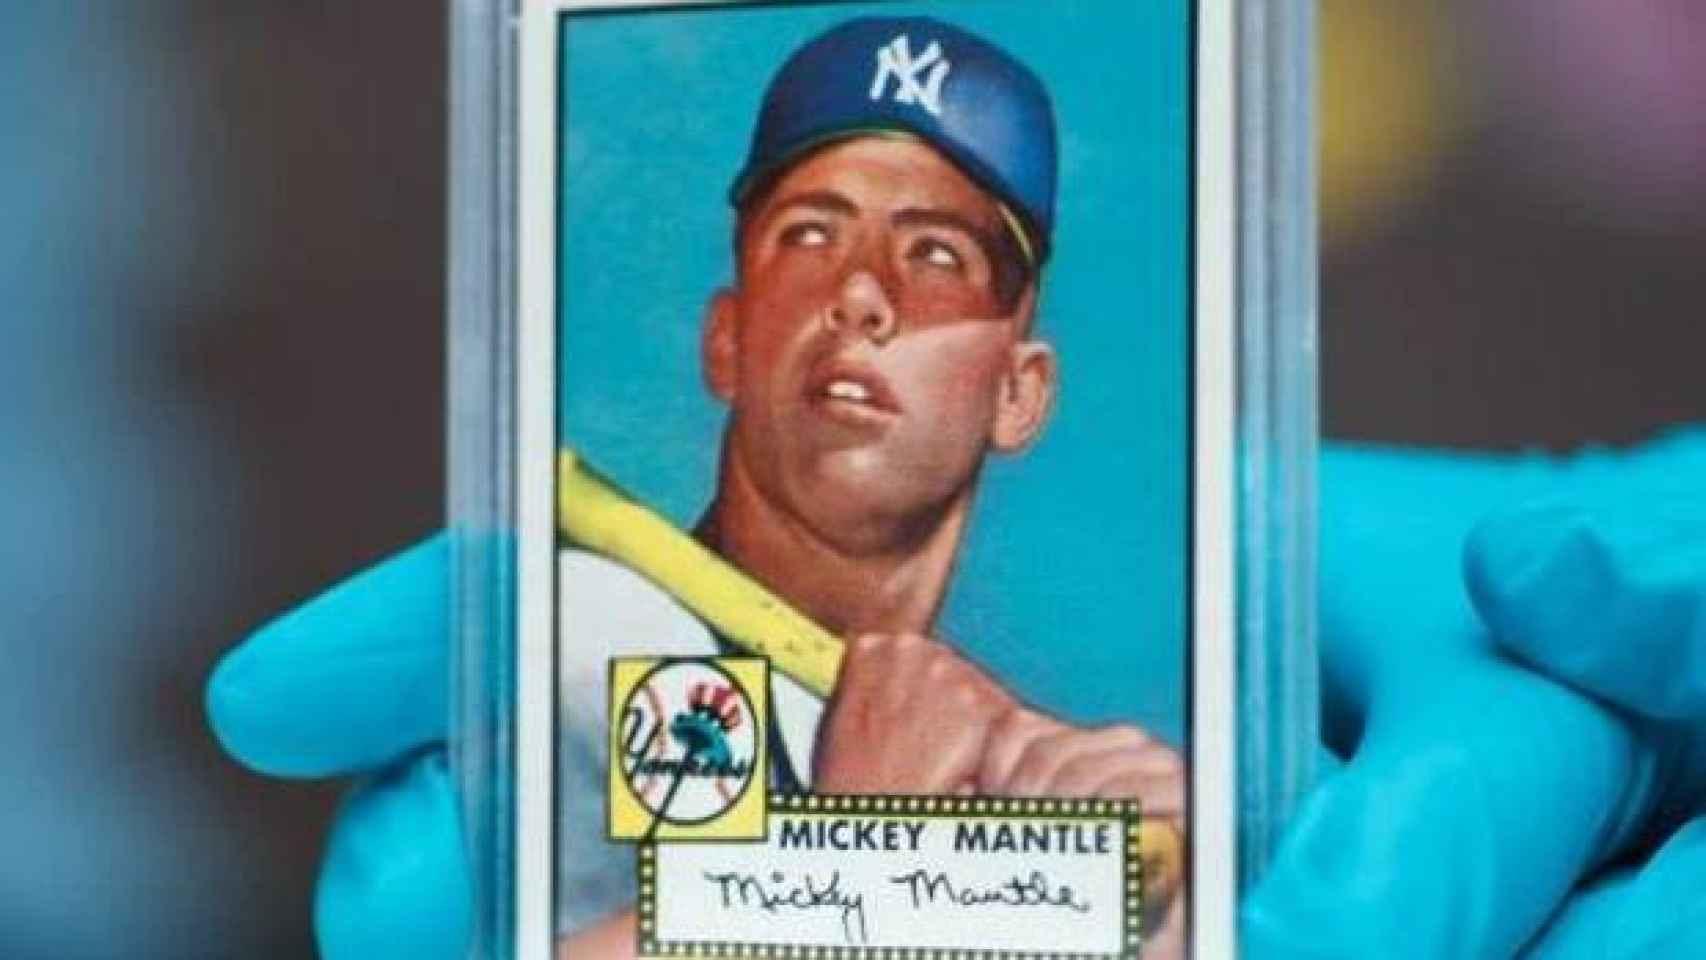 El cromo de Mickey Mantle que se ha vendido por más de cuatro millones de euros